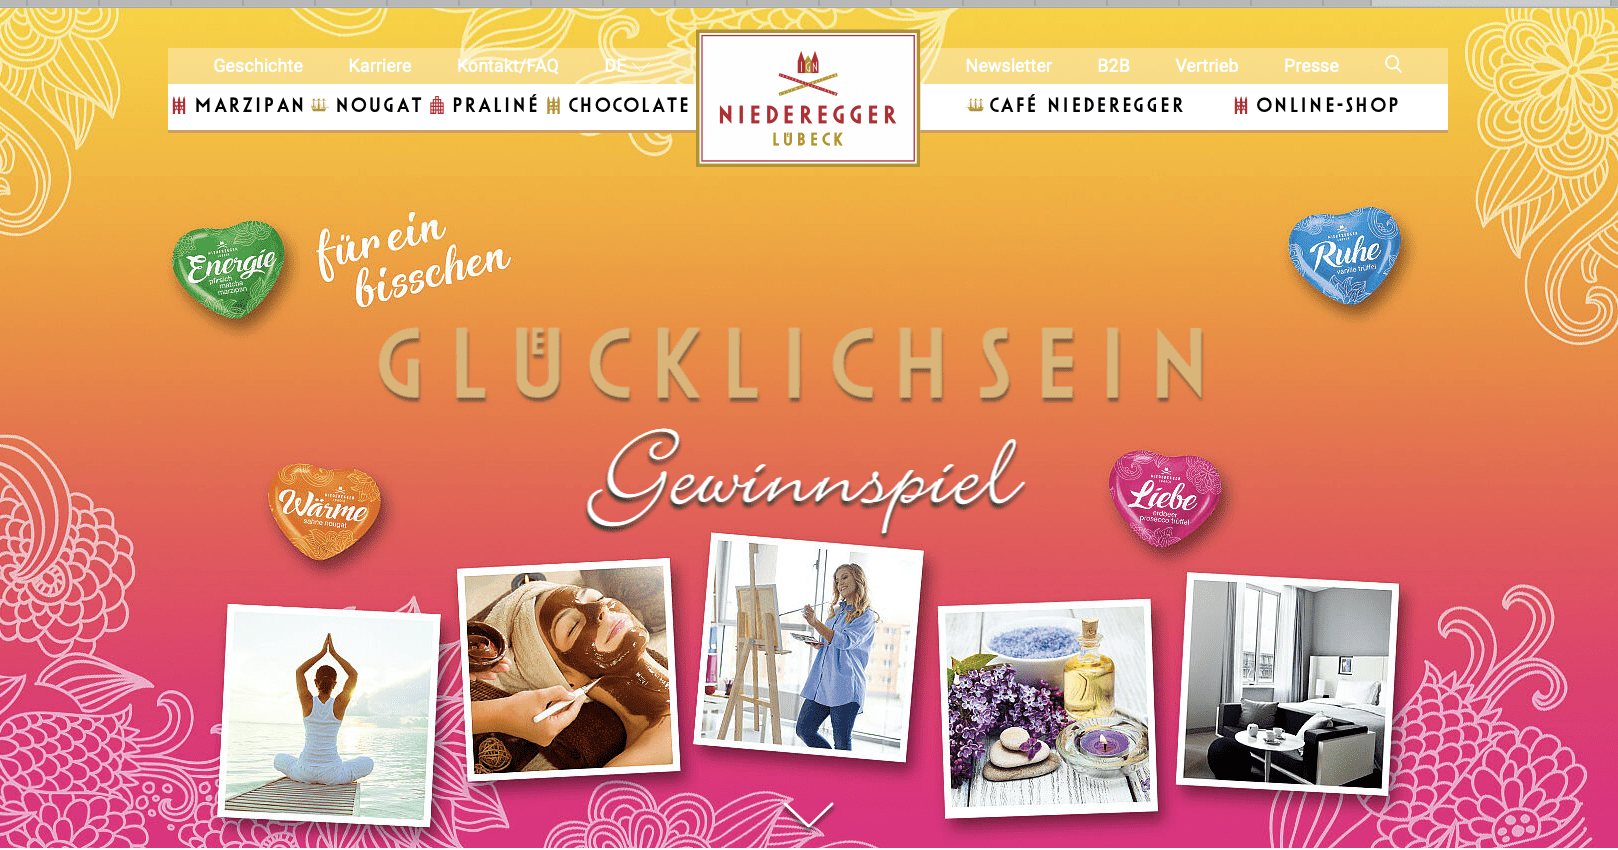 Gewinnspiel-Cases FMCG Süßwaren & Snacks Niederegger